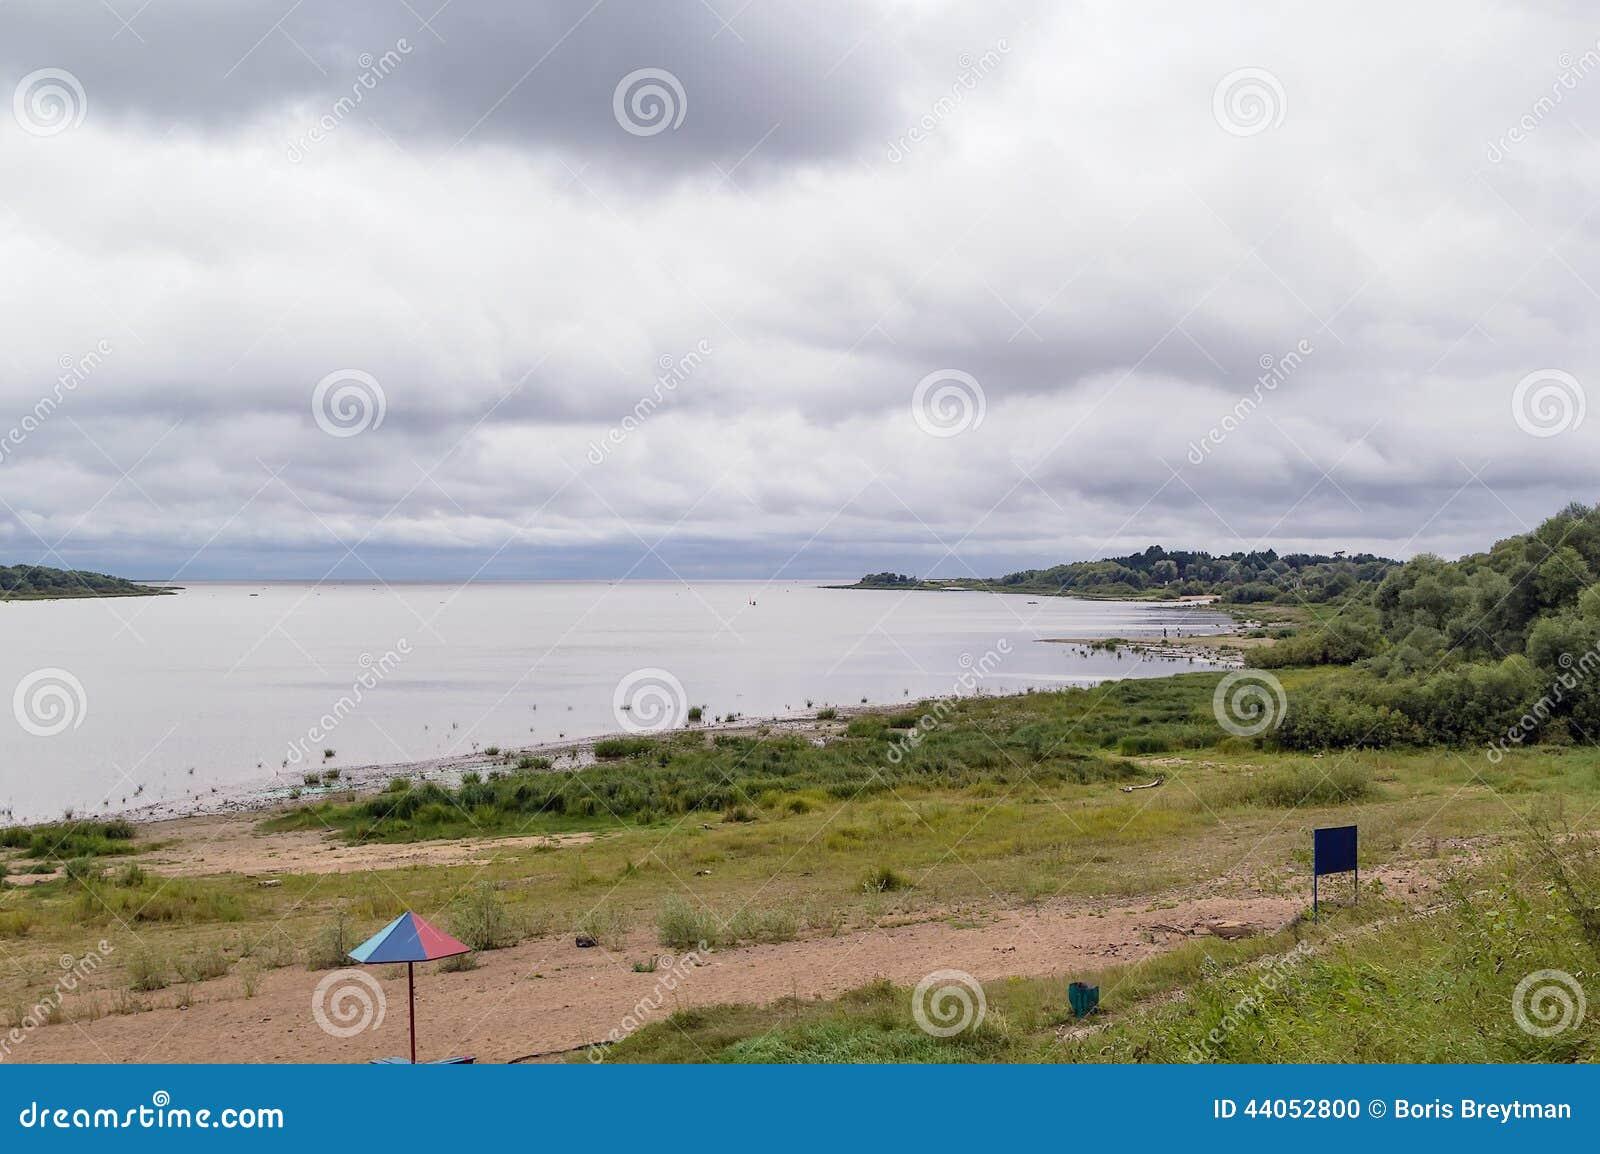 Where is the lake Ilmen in Russia 54